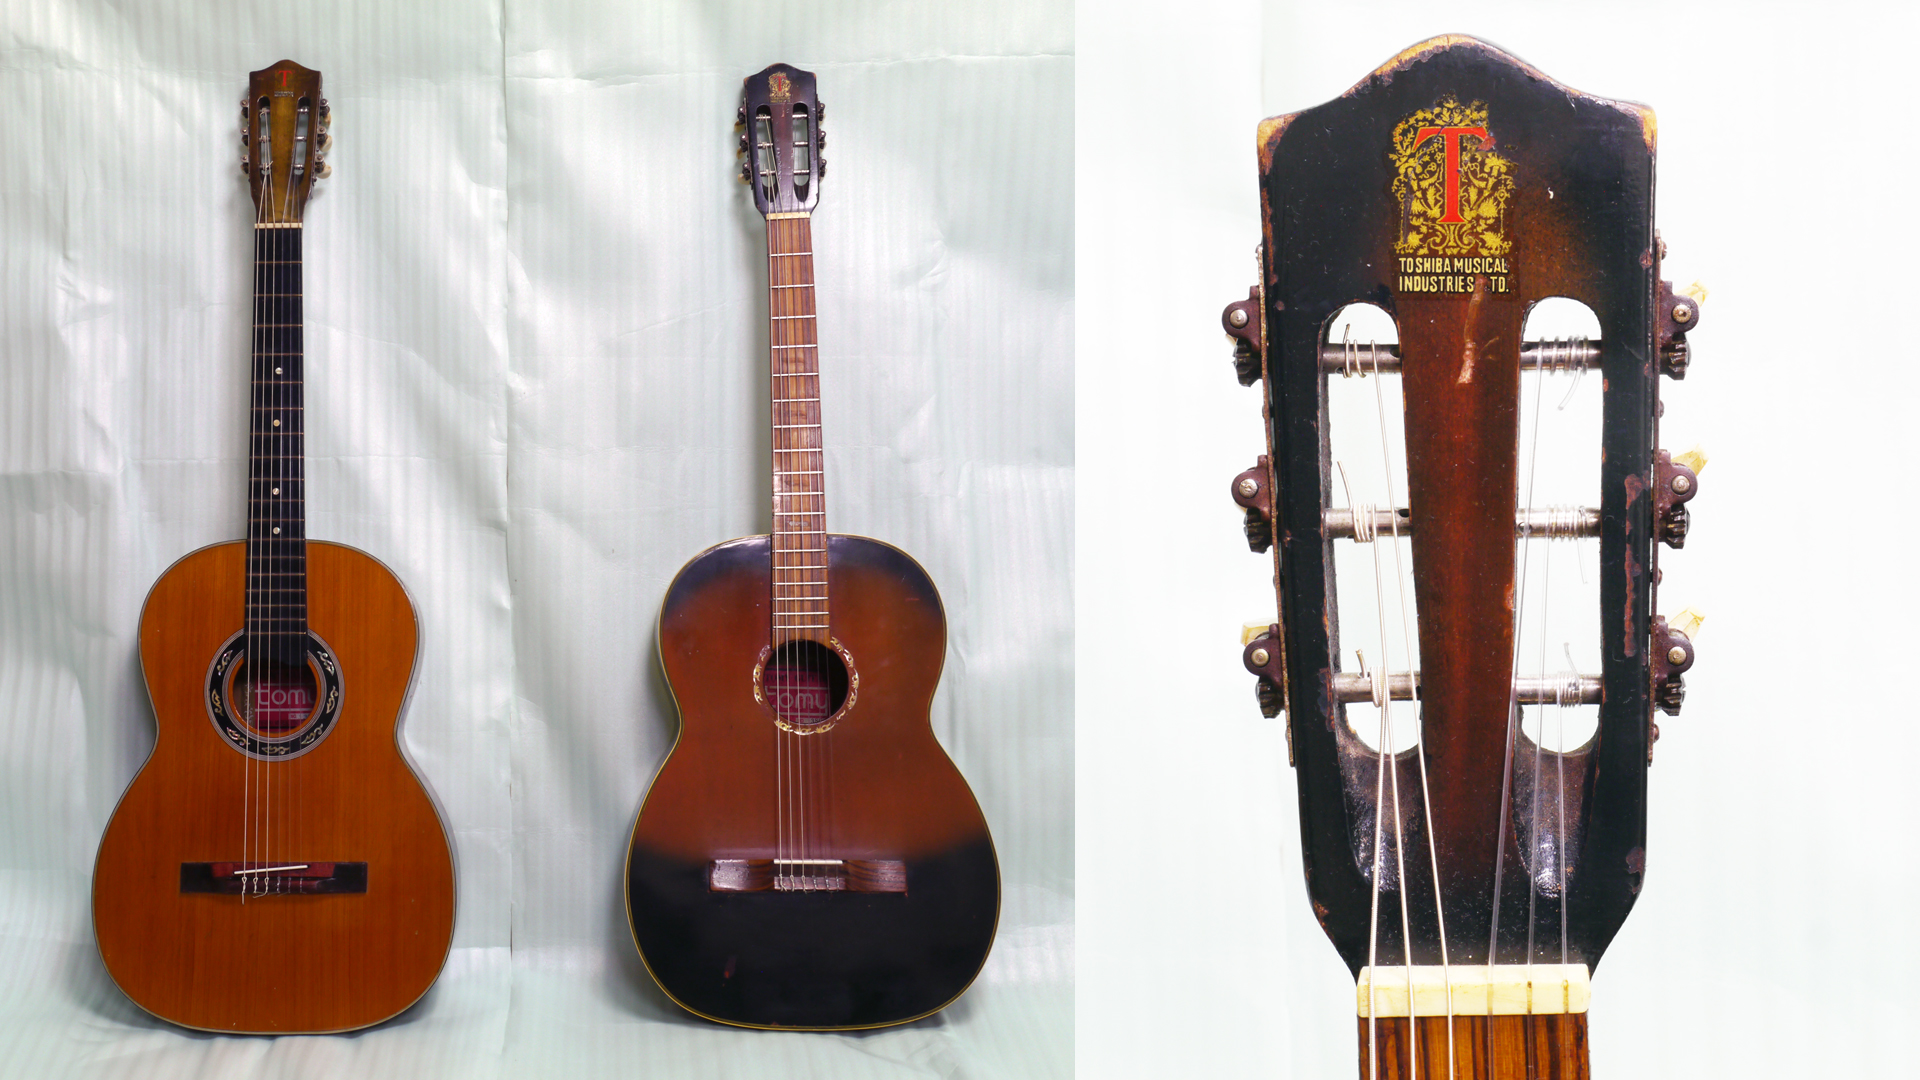 東芝音楽産業製作のギターについて